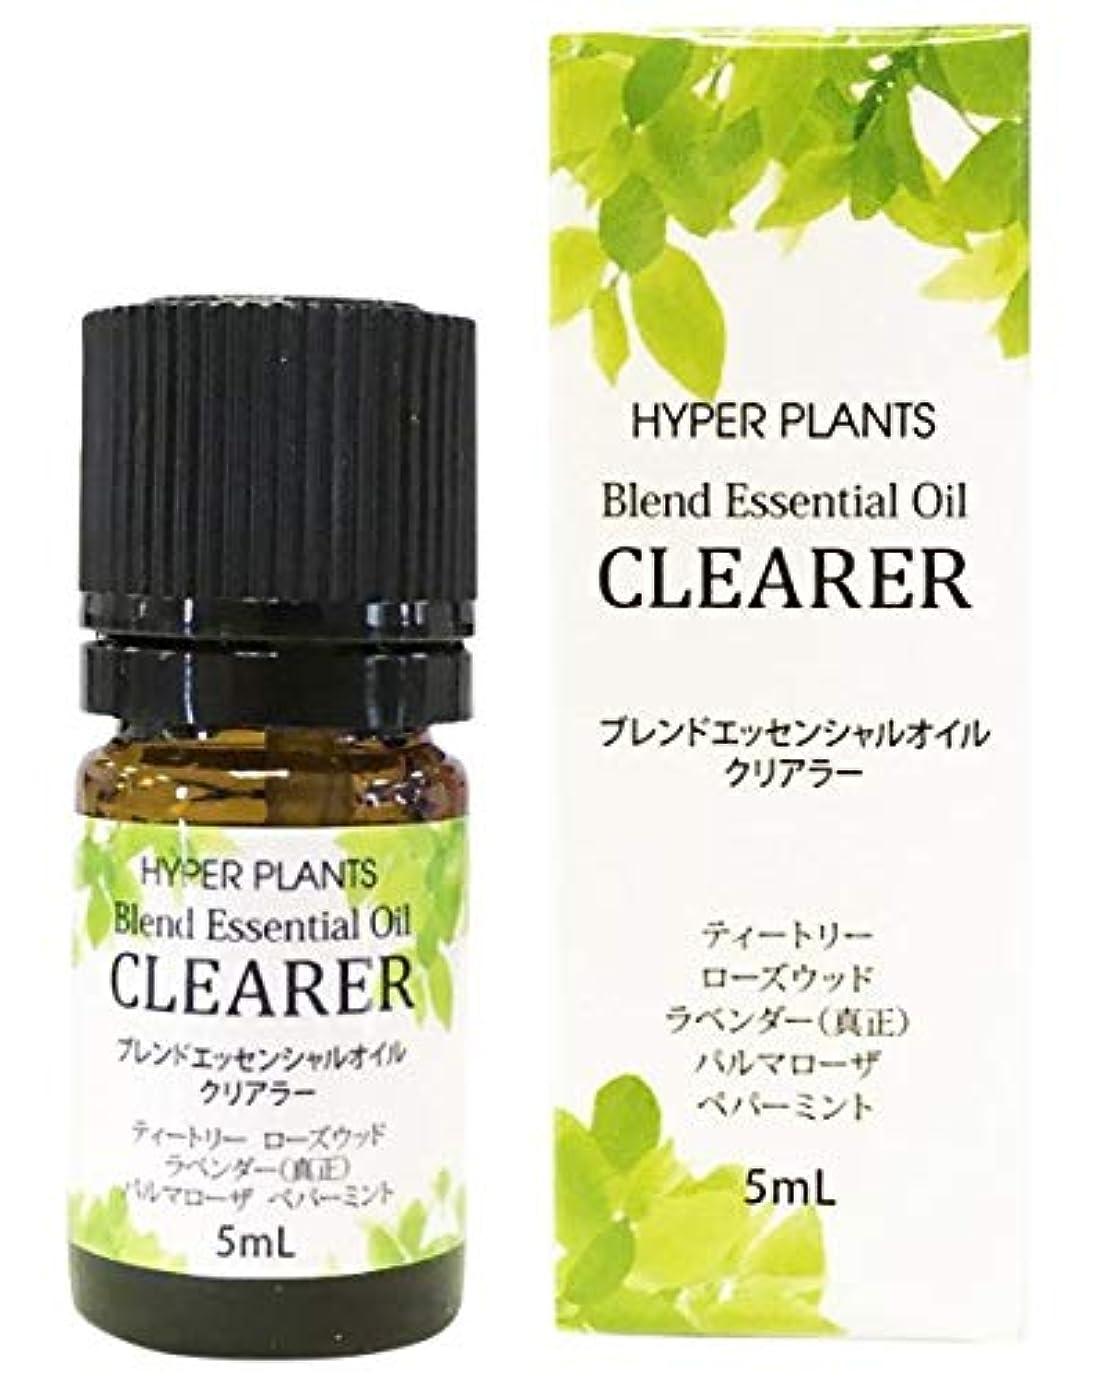 行商策定する独特のHYPER PLANTS ハイパープランツ ブレンドエッセンシャルオイル クリアラー 5ml